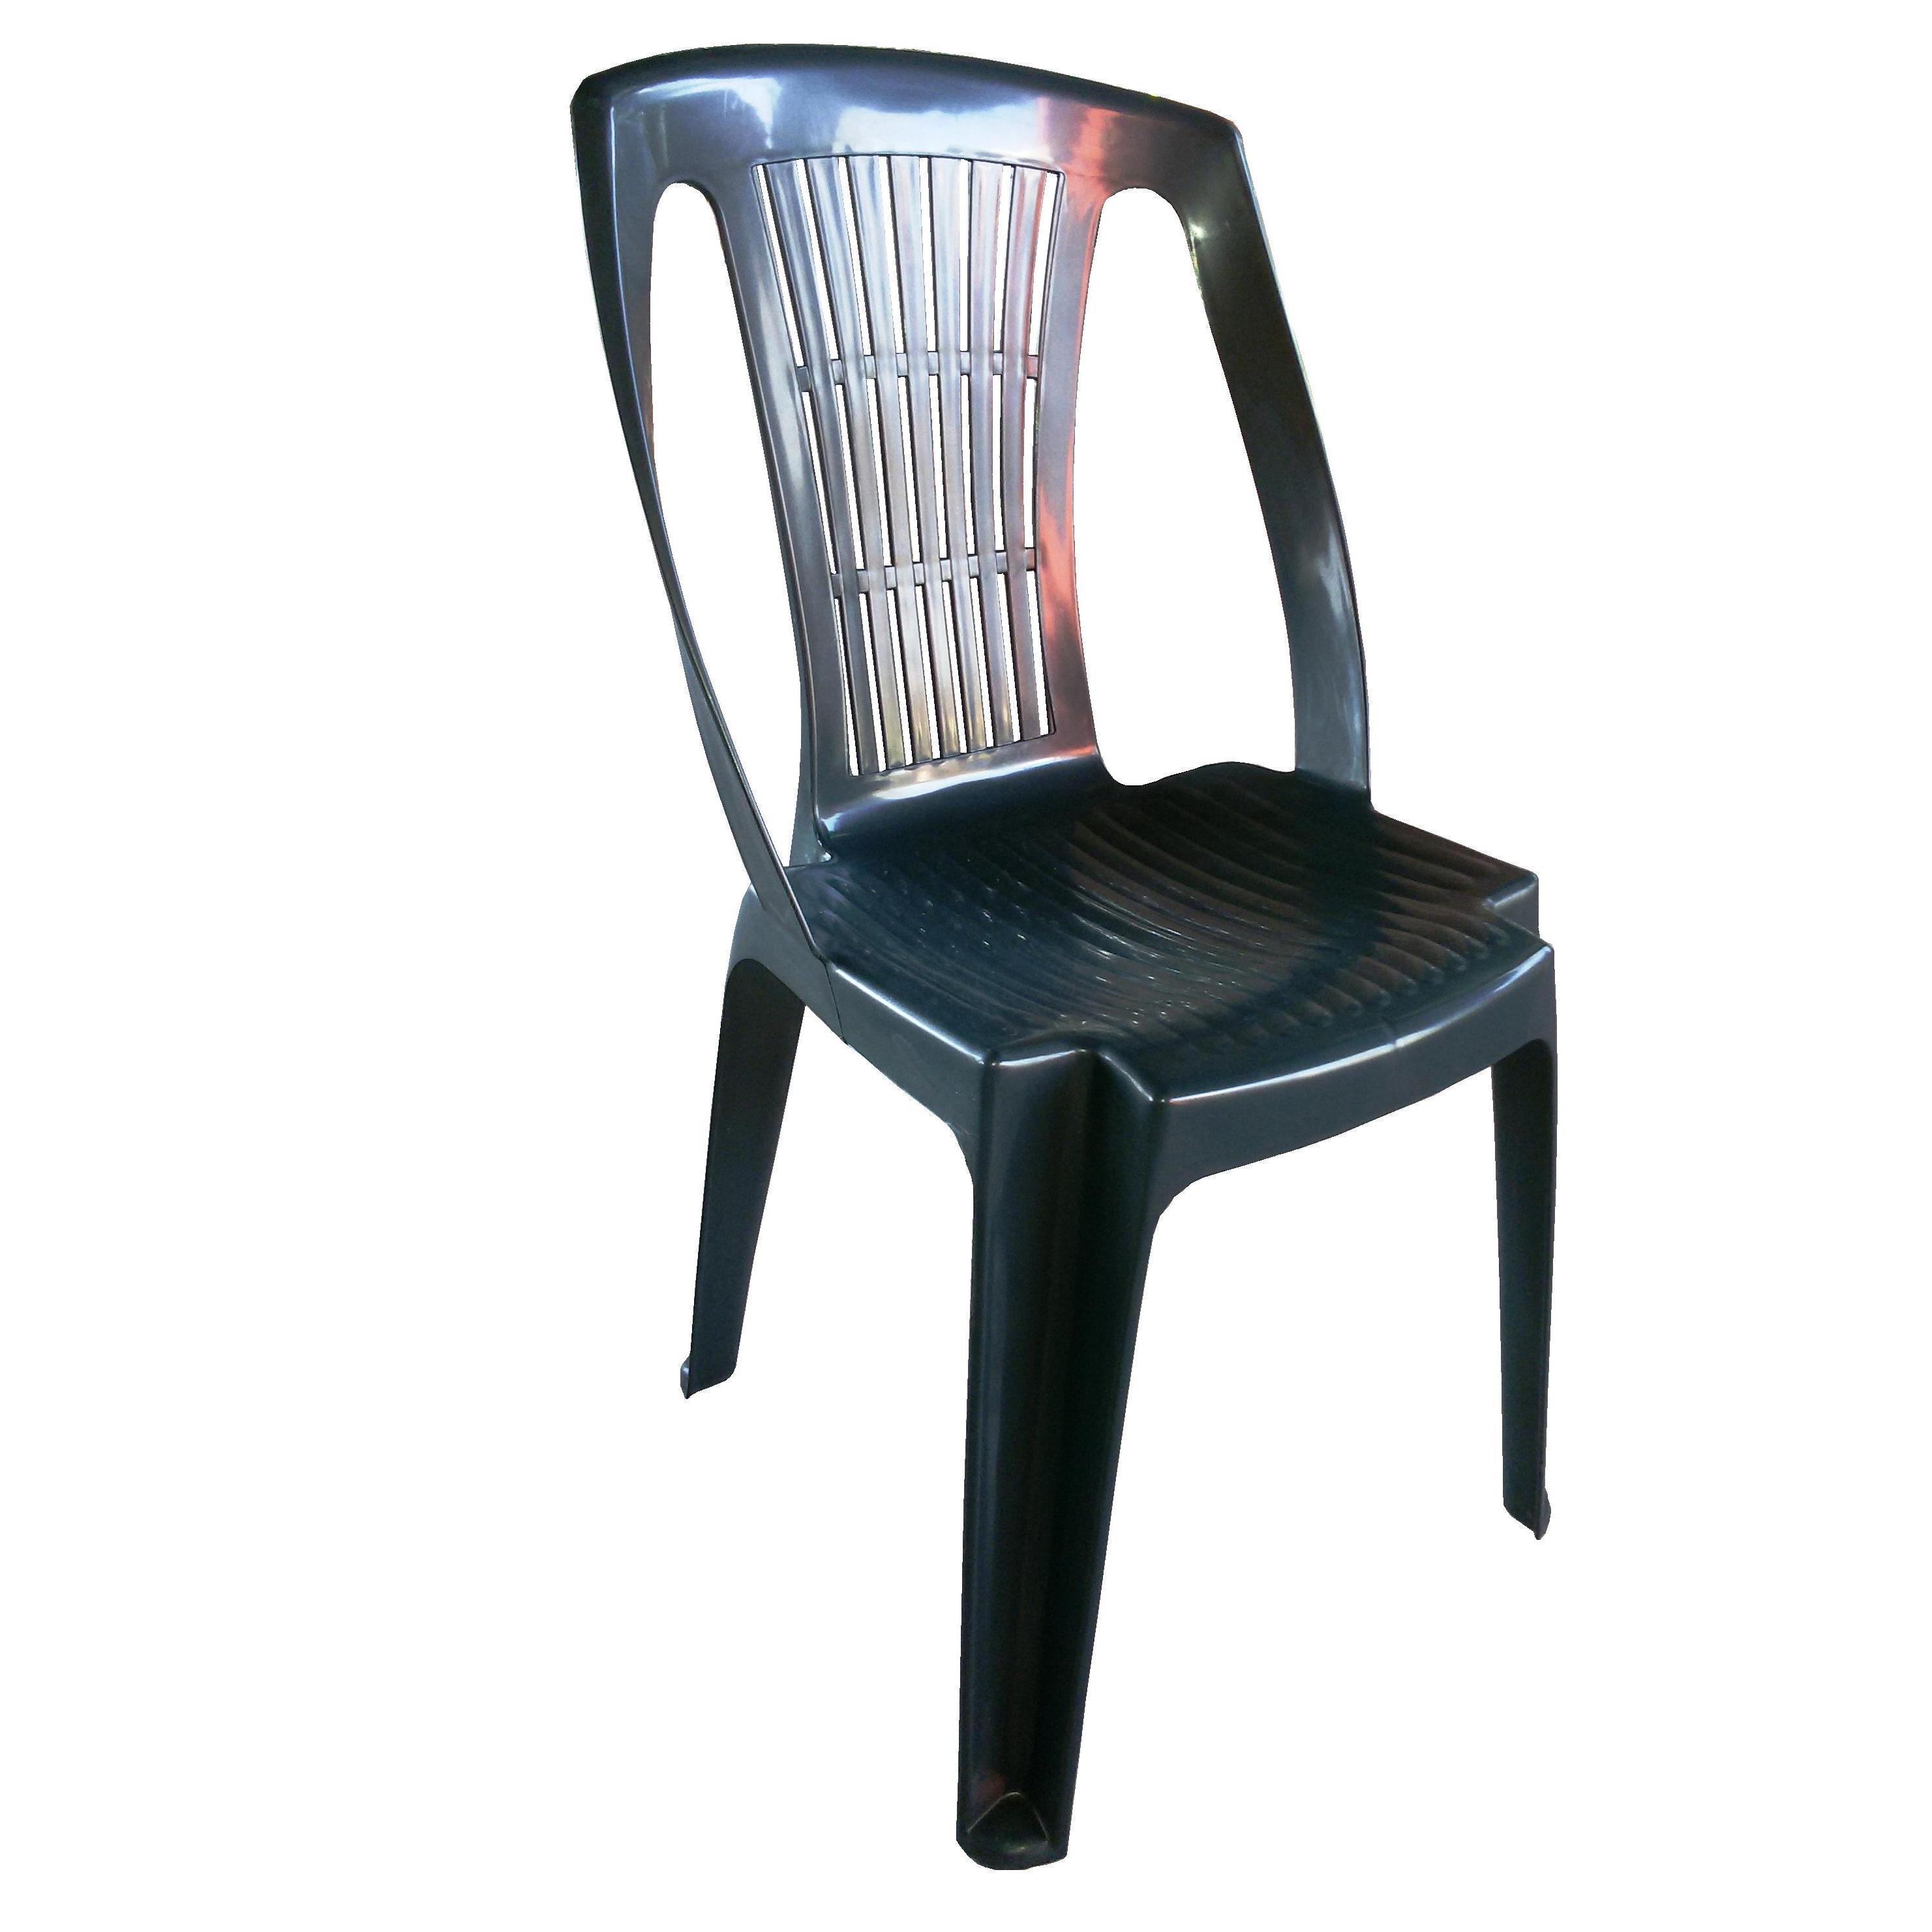 Sedie In Plastica Da Giardino Prezzi.Sedia In Plastica Giardino Senza Braccioli Colore Verde